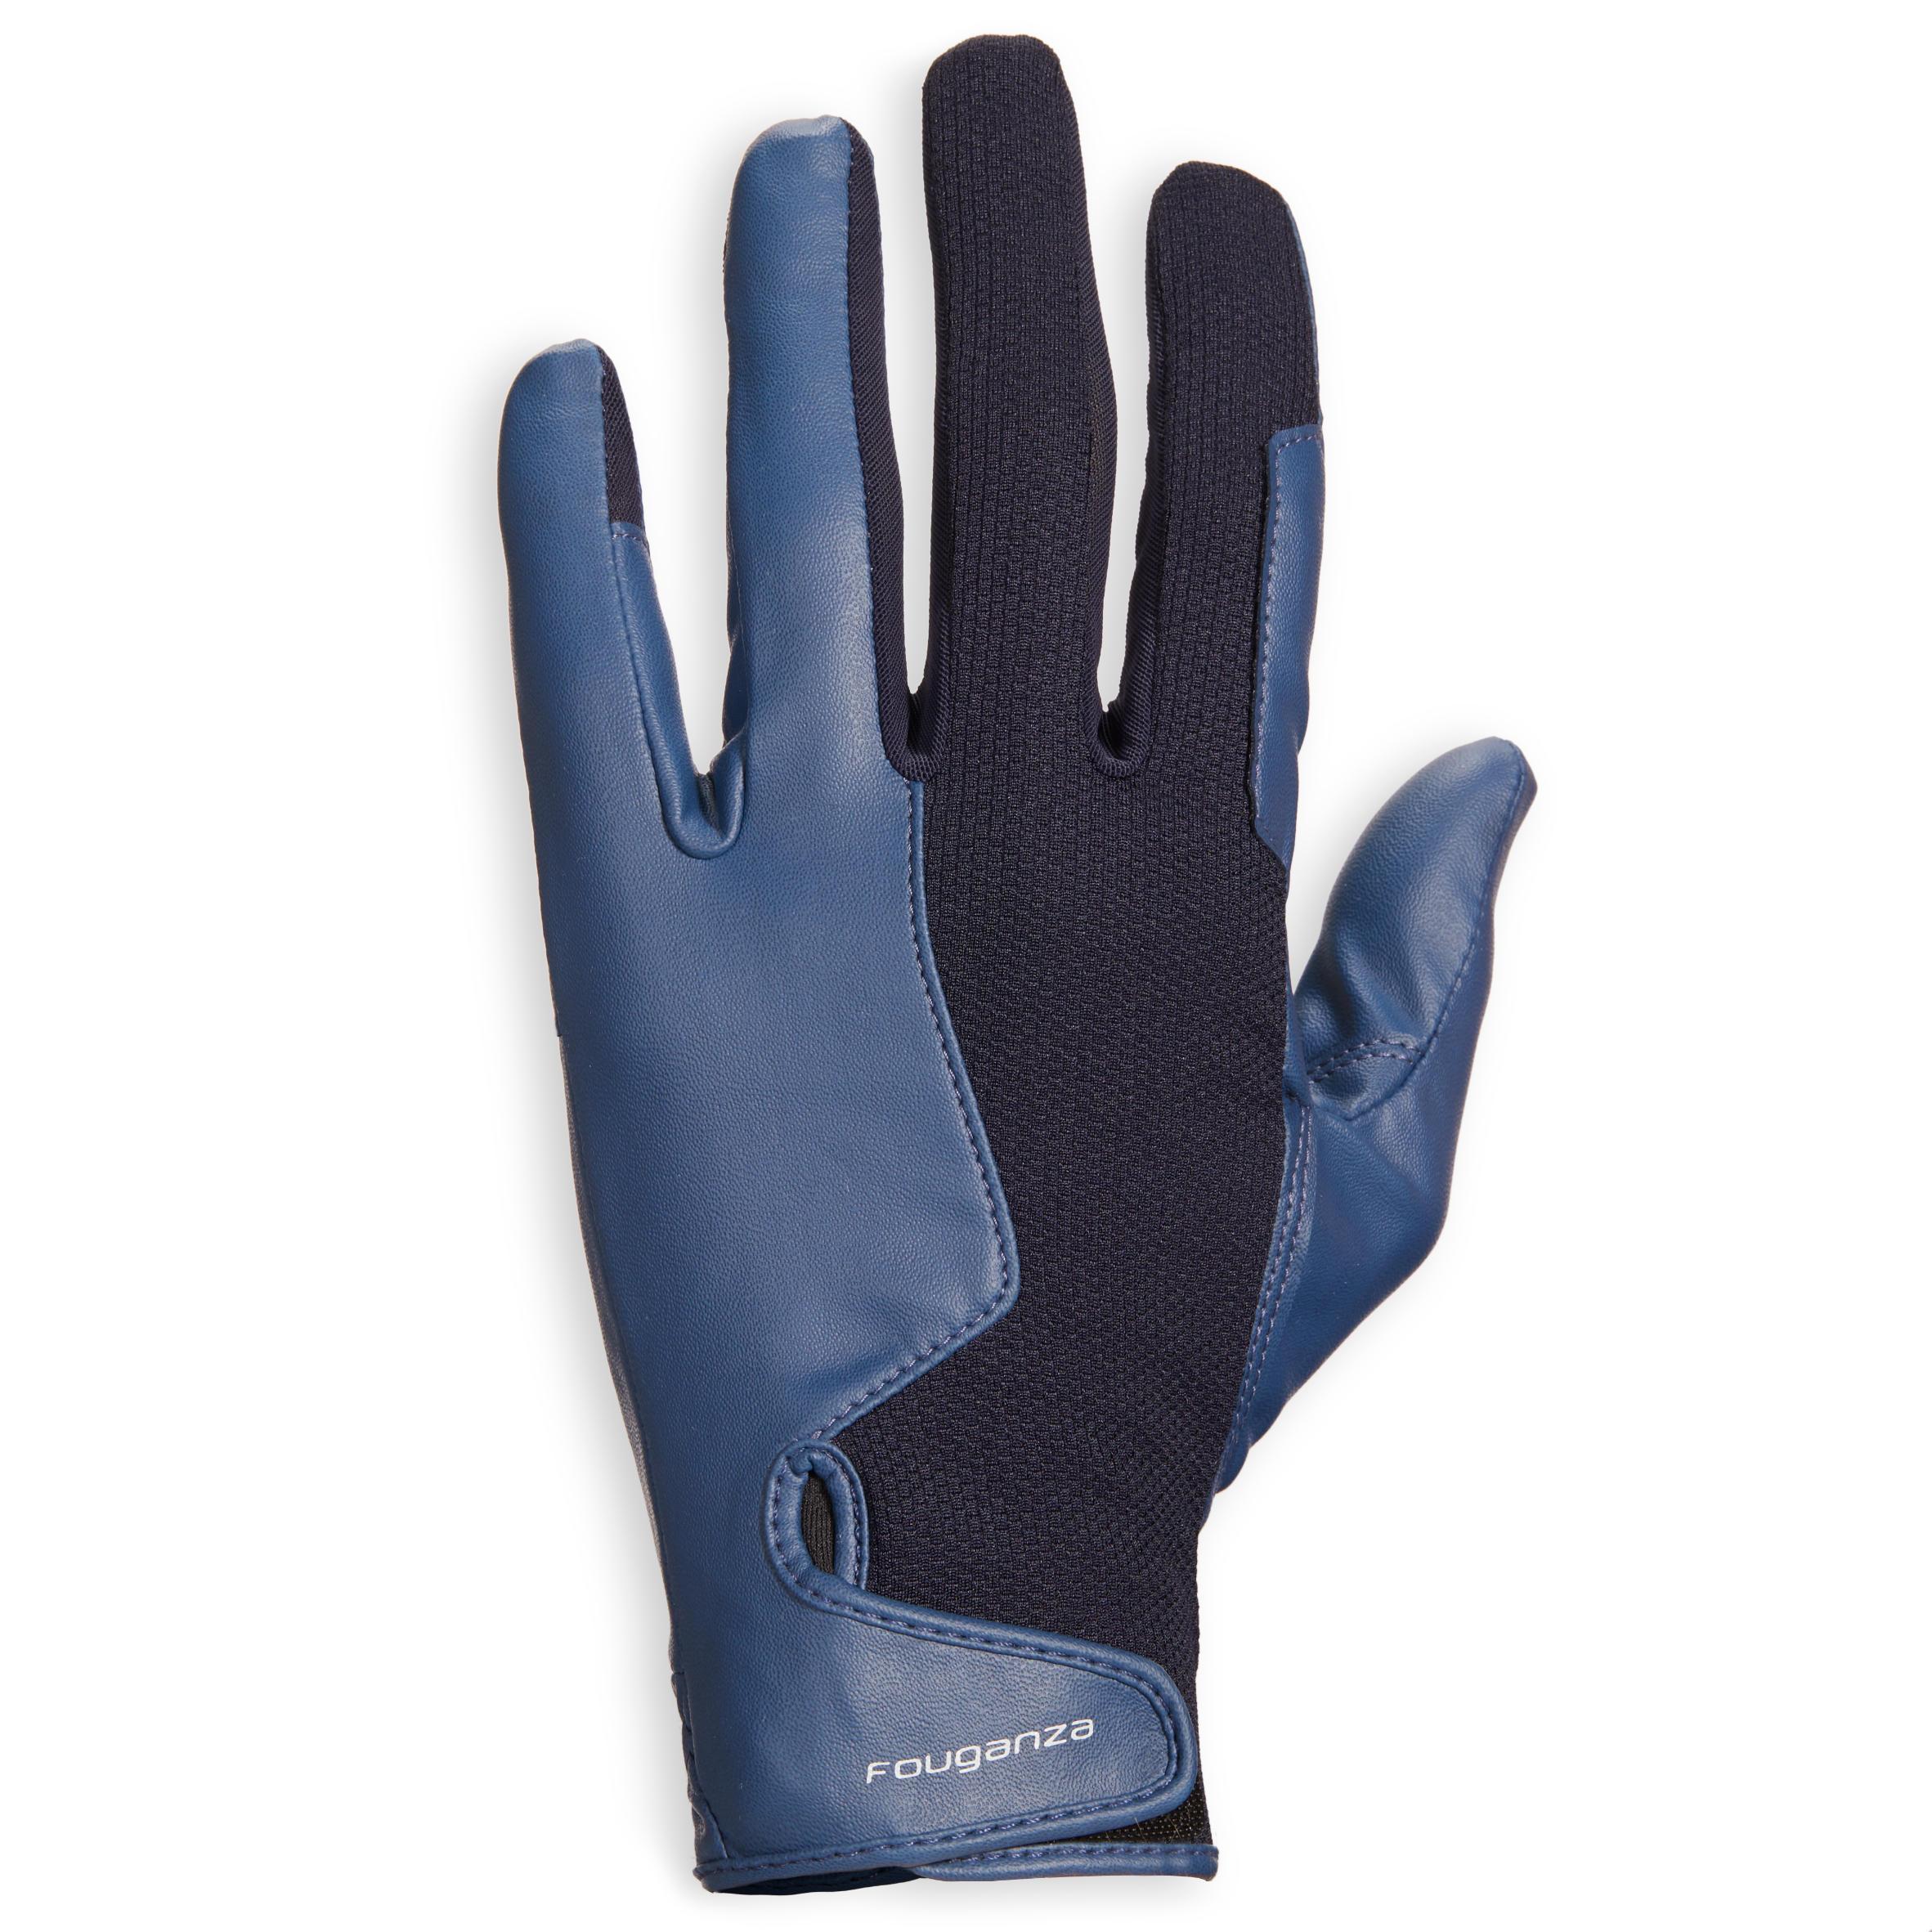 Größe S, schwarz/blau Bootsport Wakeboard/Wasserski-Handschuhe